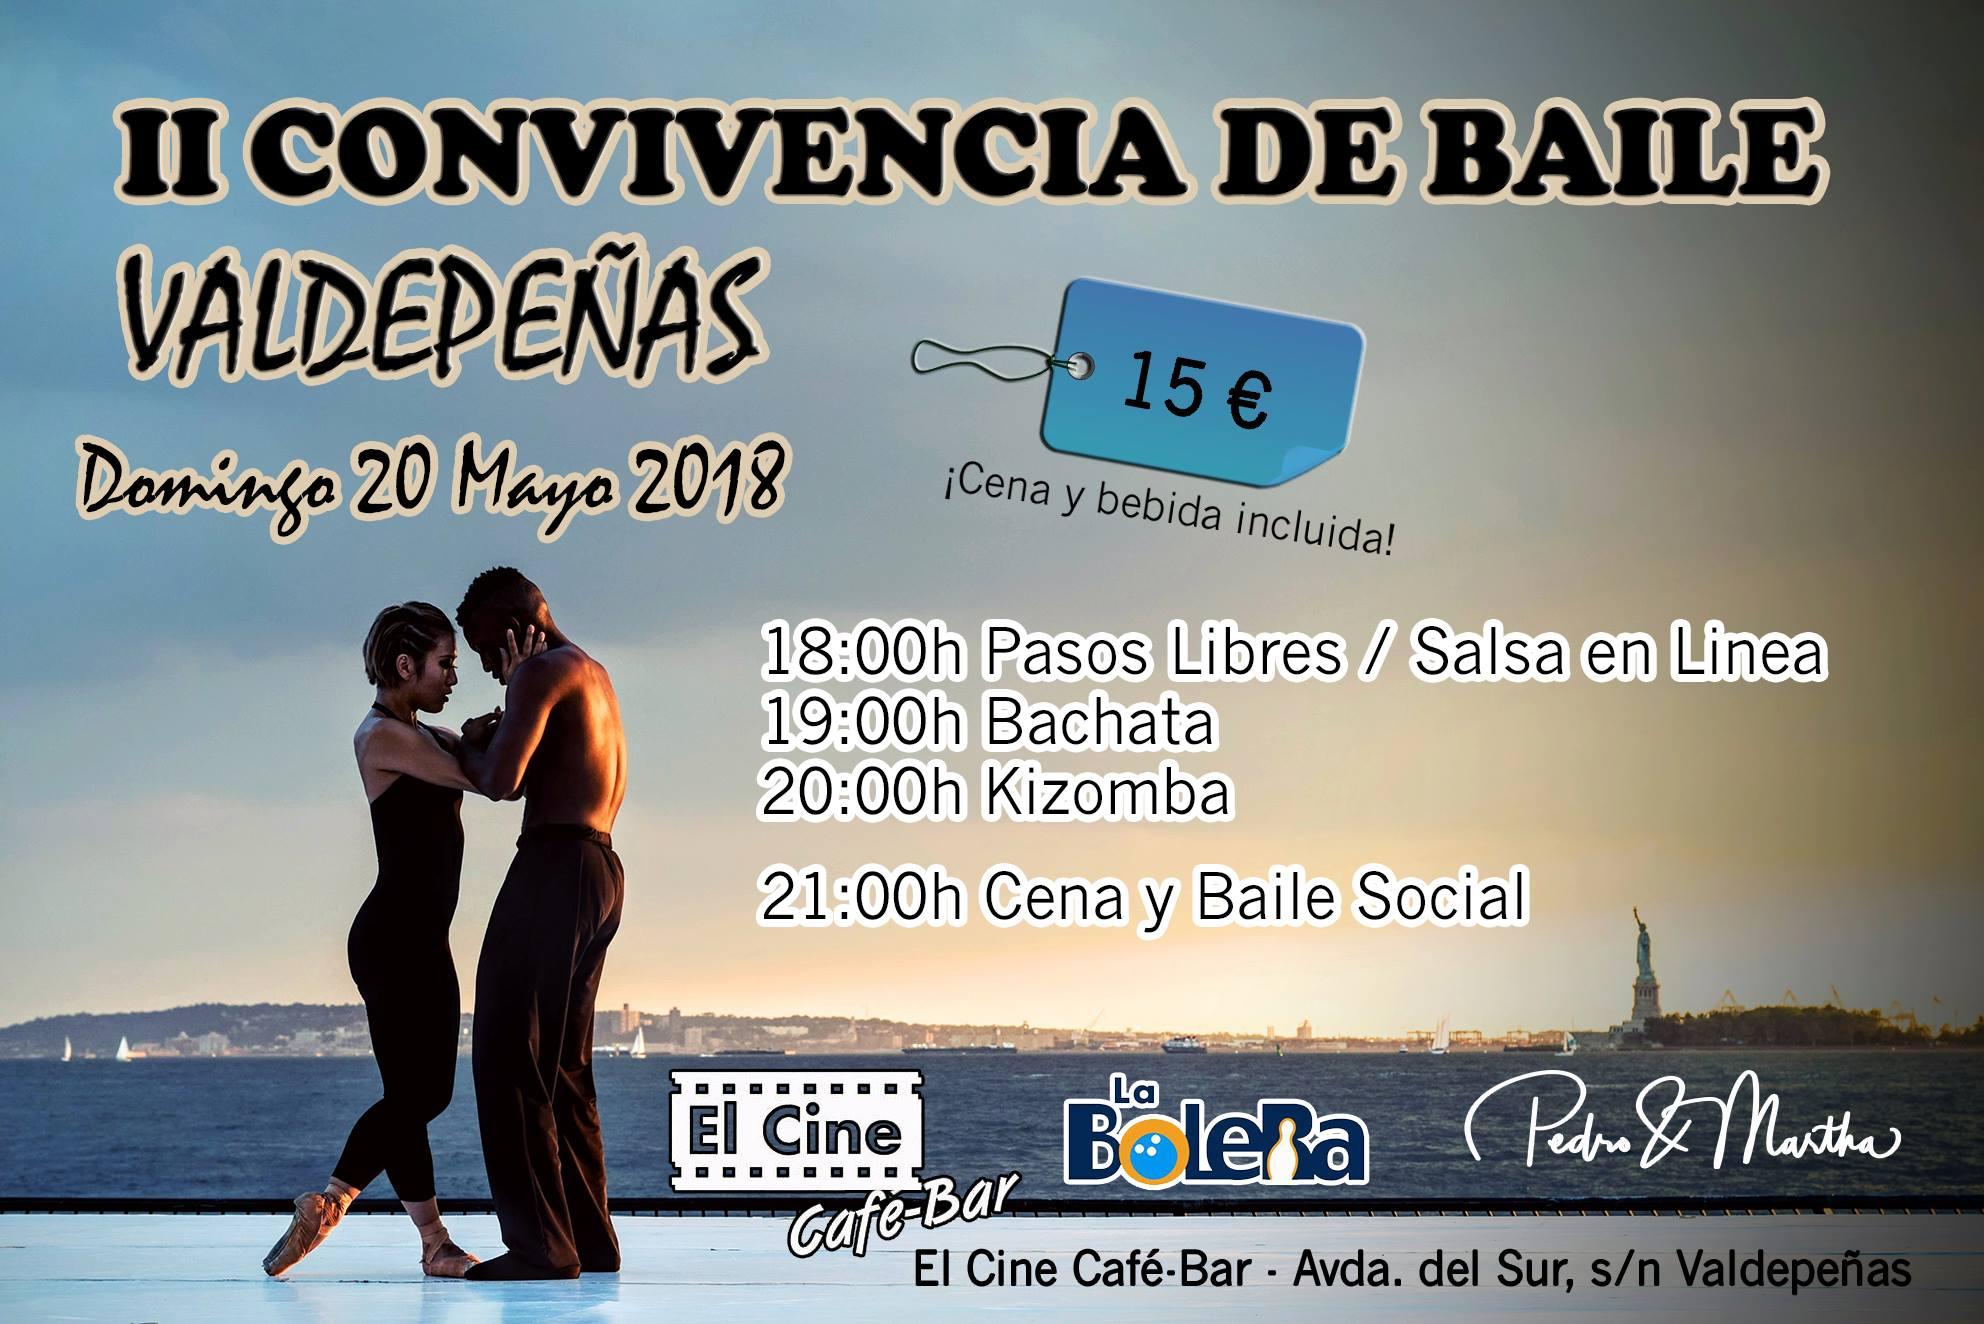 II Convivencia de baile - Valdepeñas (Ciudad Real)